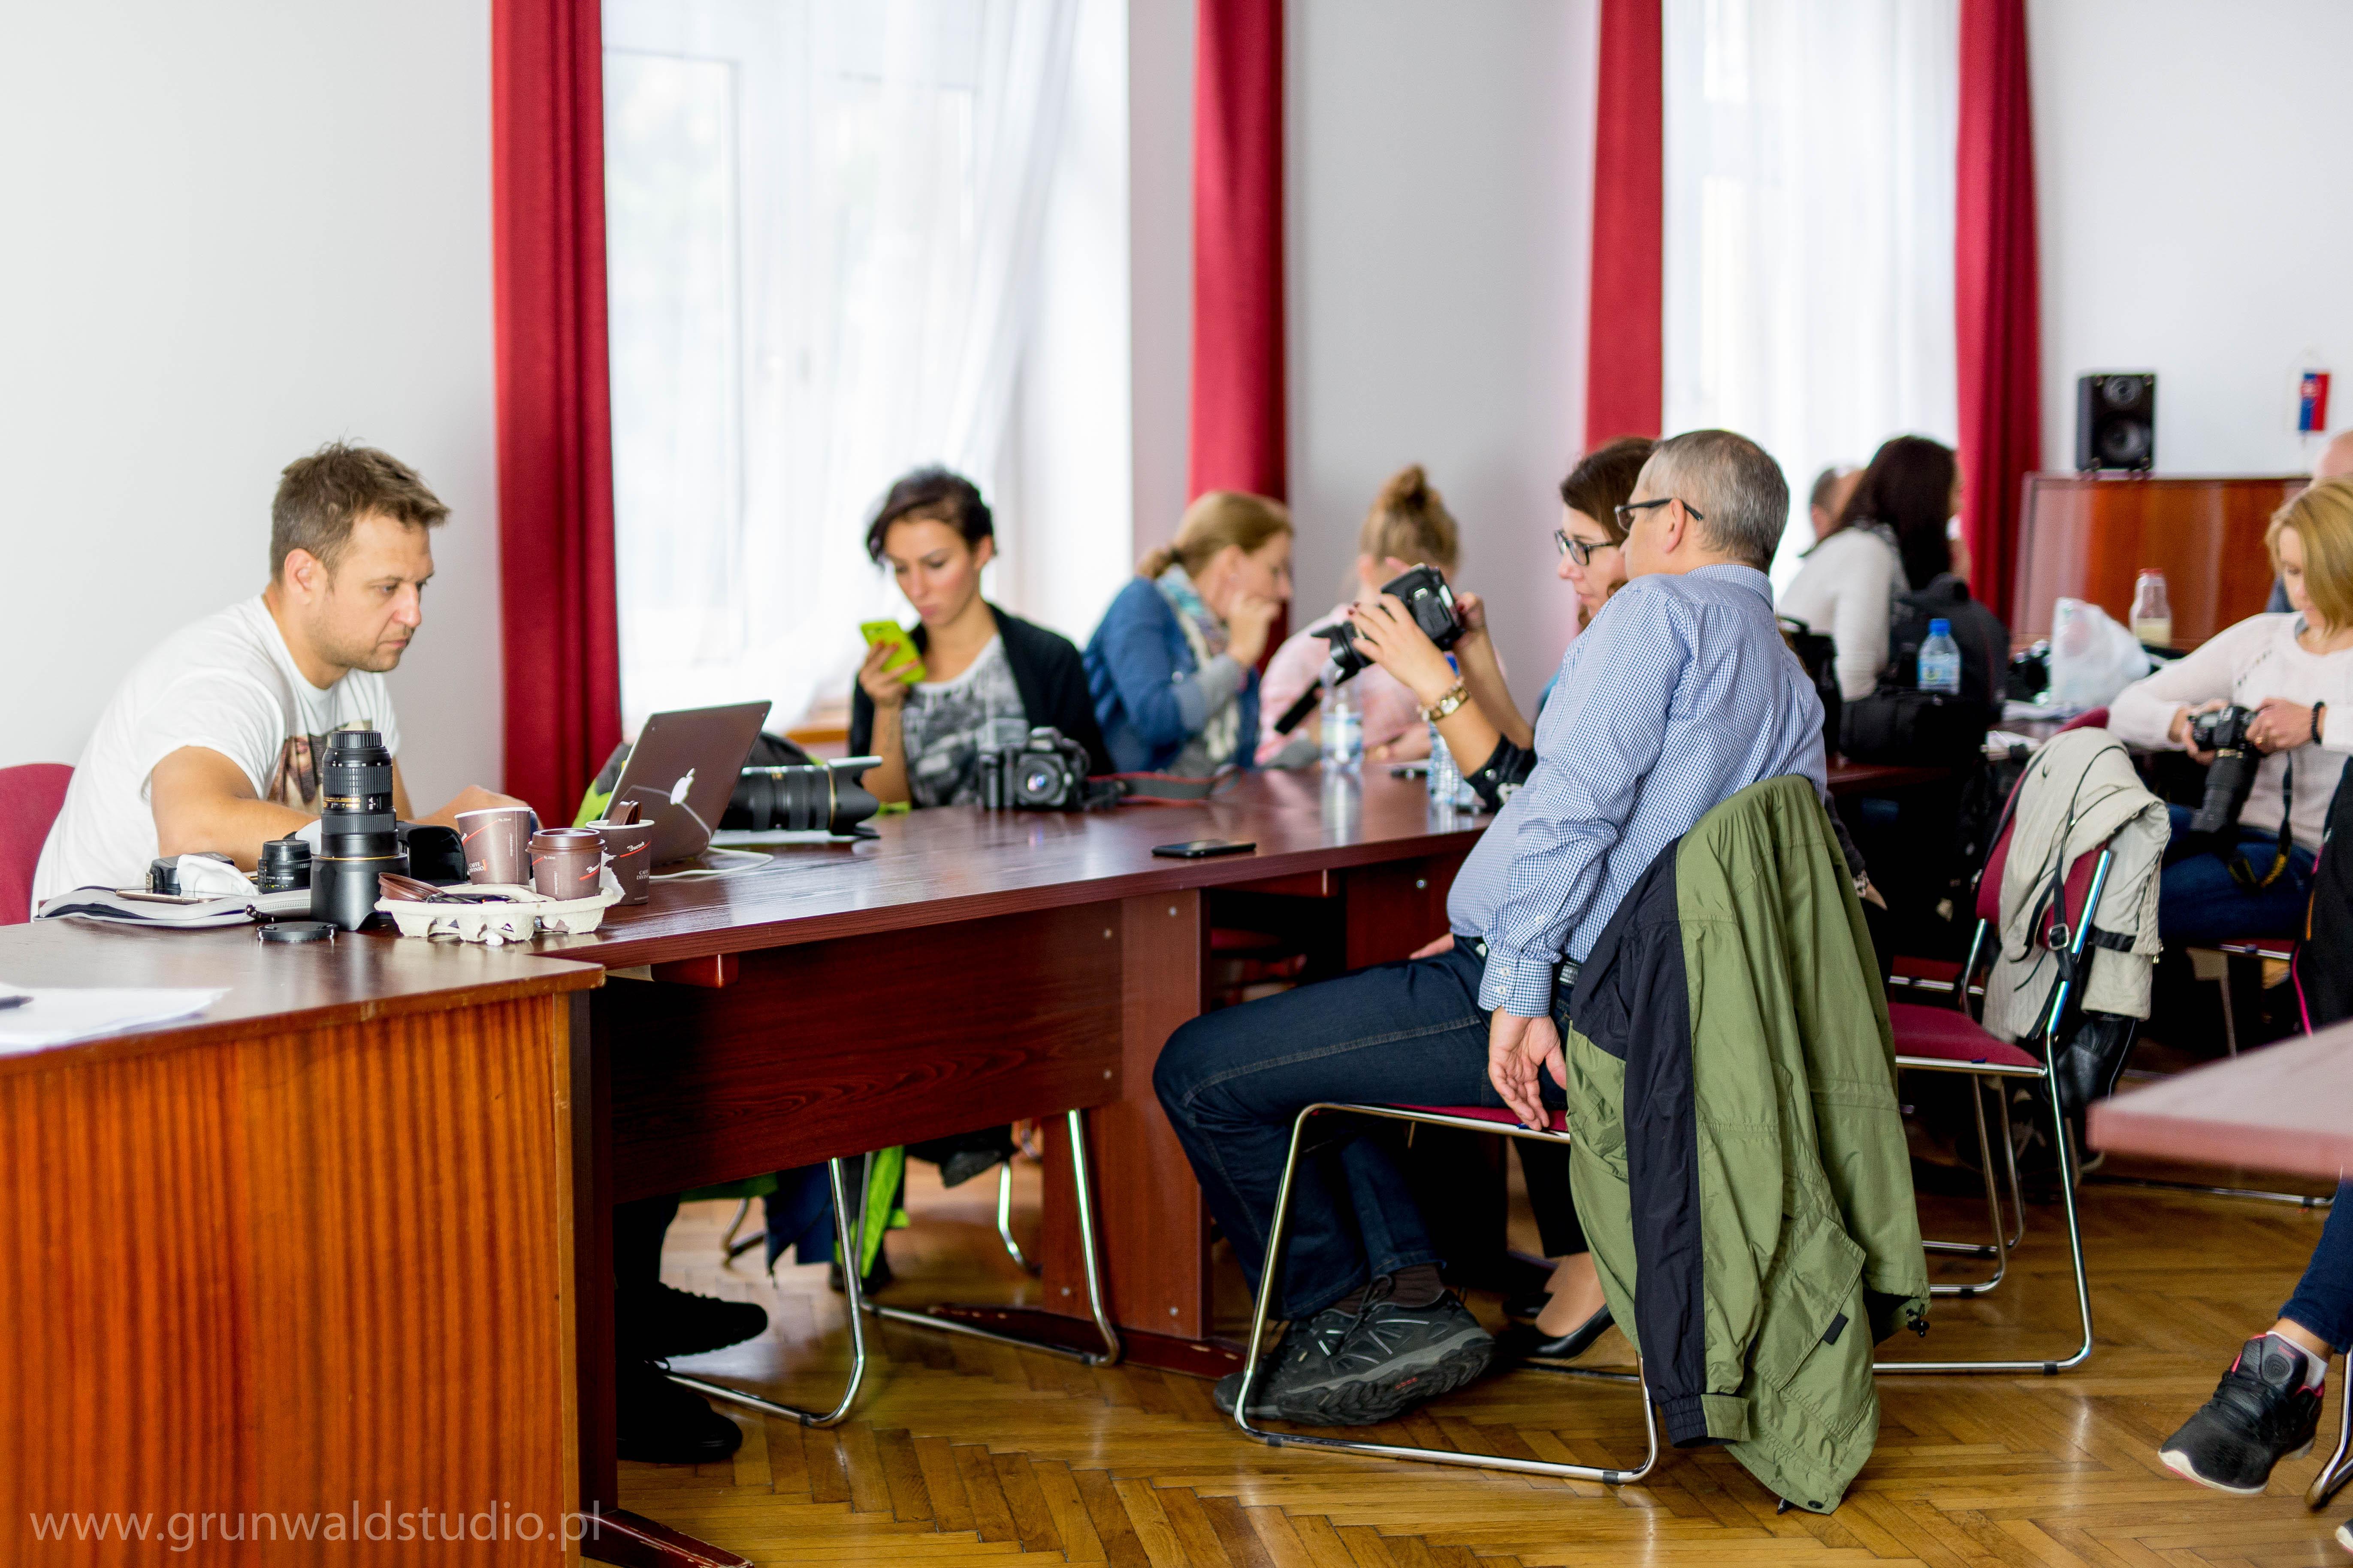 Grunwald Studio kurs fotografii Kraków pełny rozmiar 9